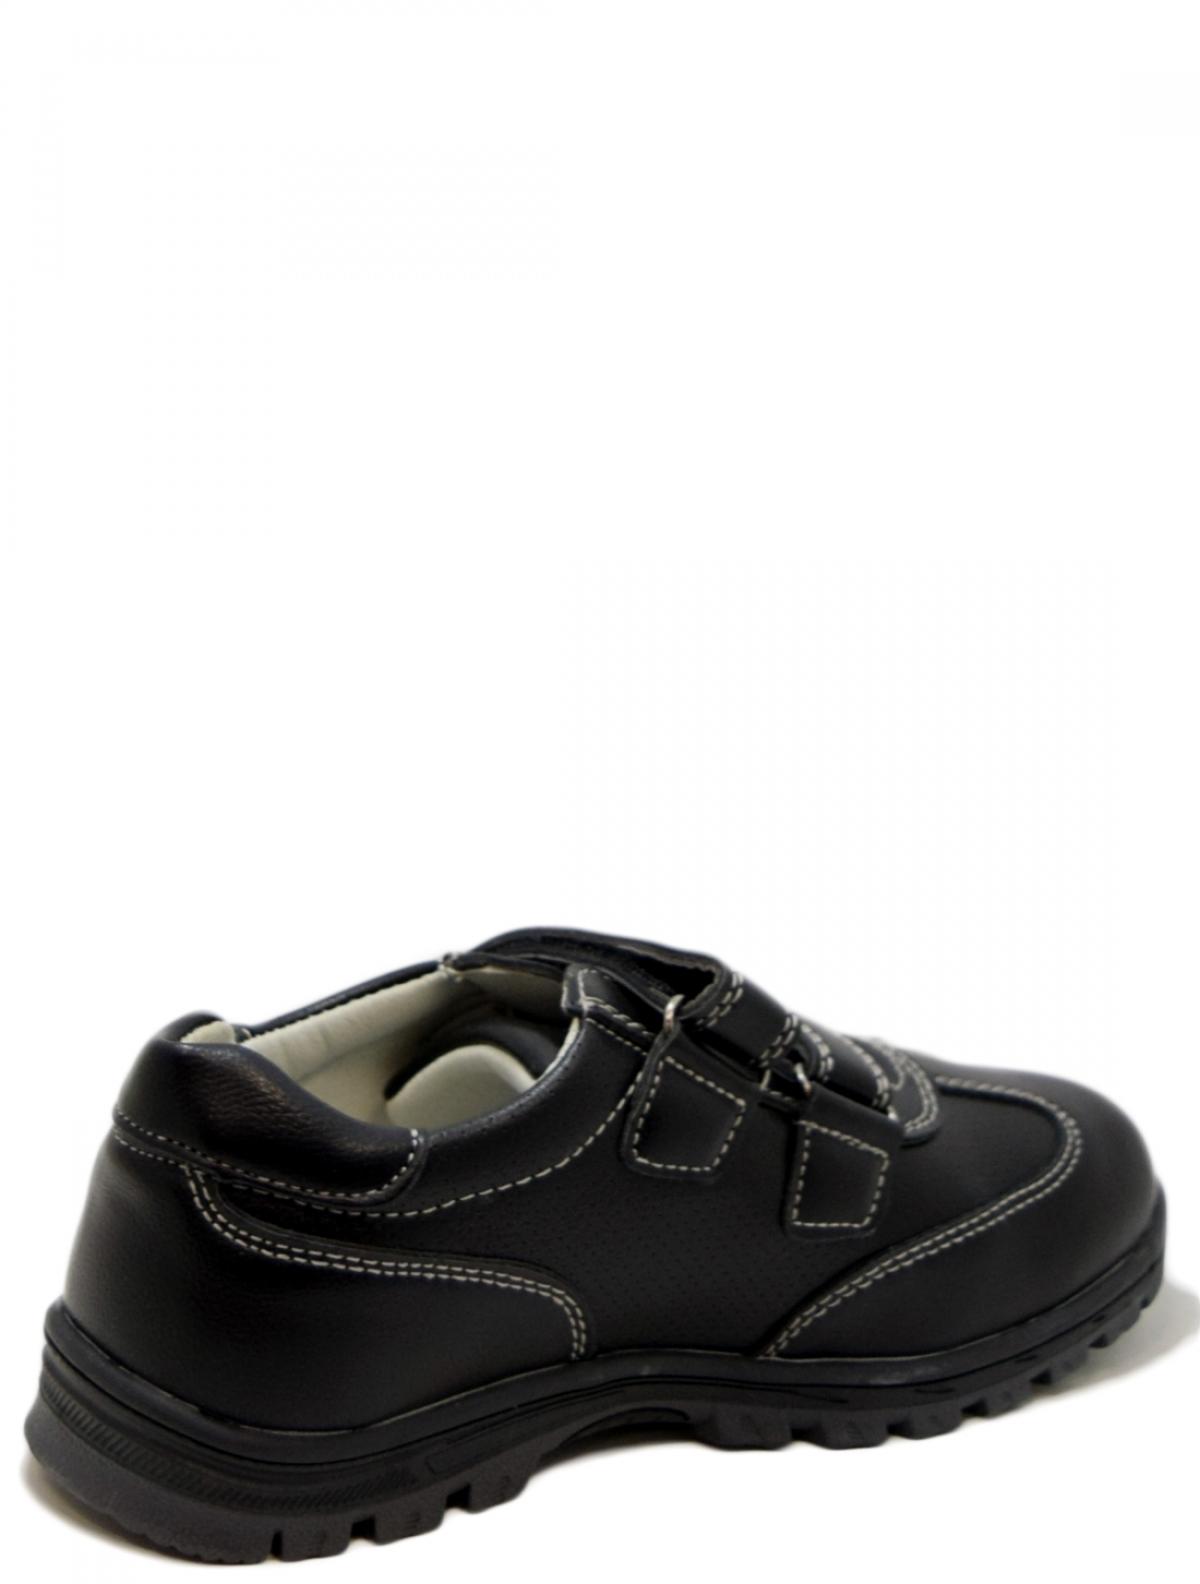 Сказка R030534453 детские туфли